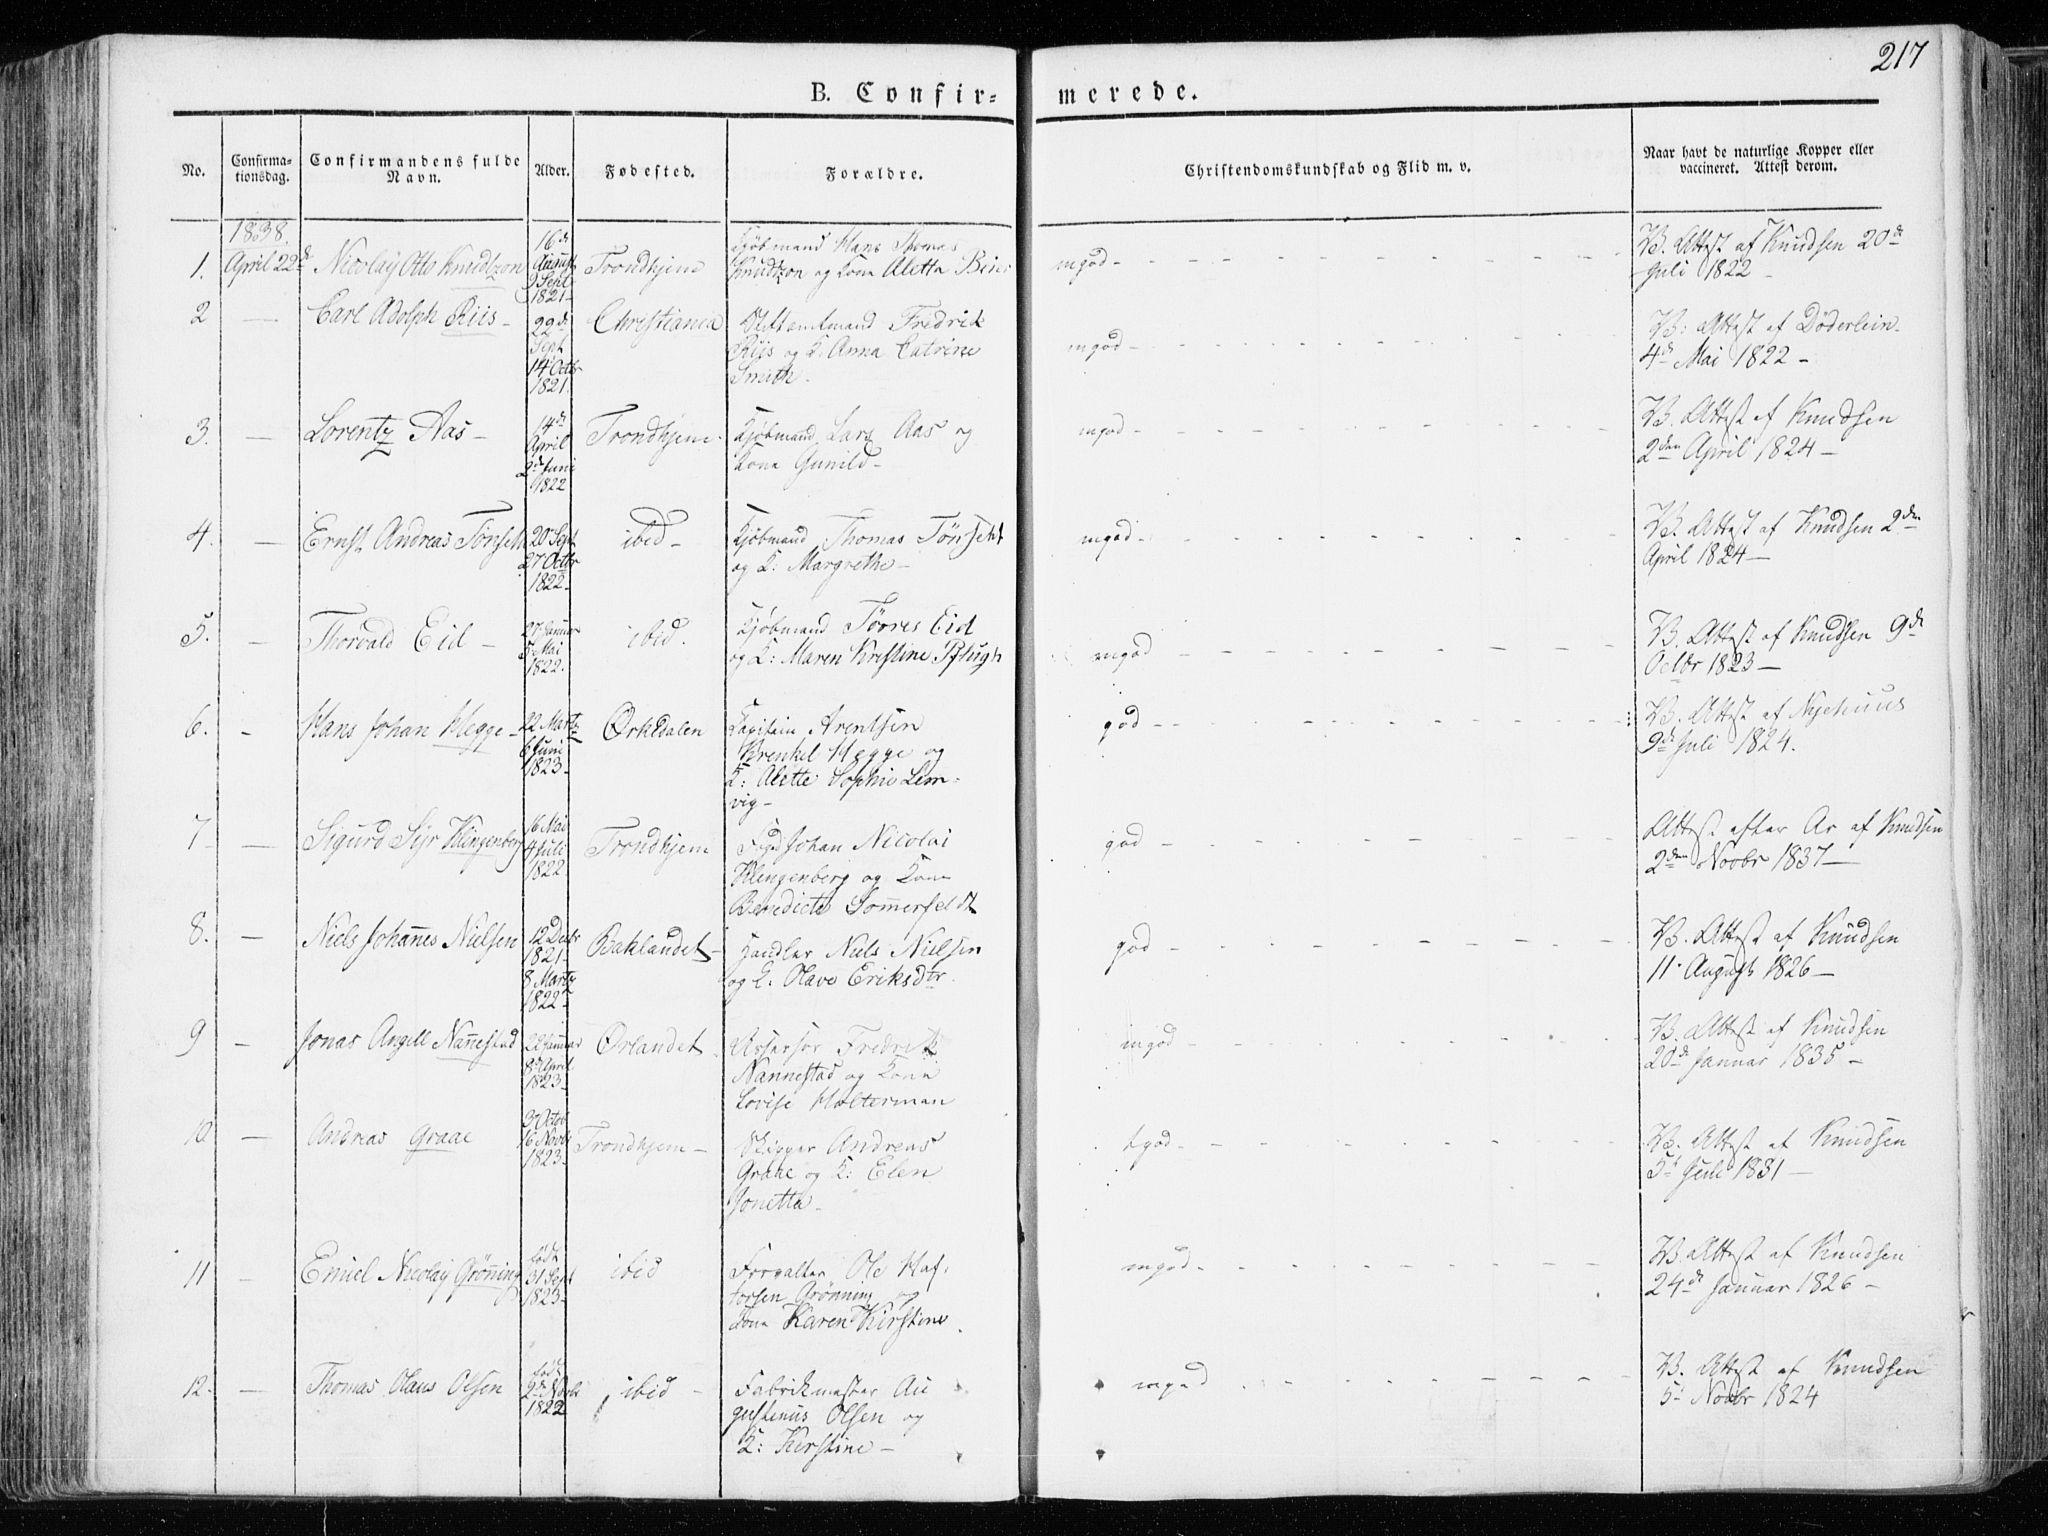 SAT, Ministerialprotokoller, klokkerbøker og fødselsregistre - Sør-Trøndelag, 601/L0047: Ministerialbok nr. 601A15, 1831-1839, s. 217